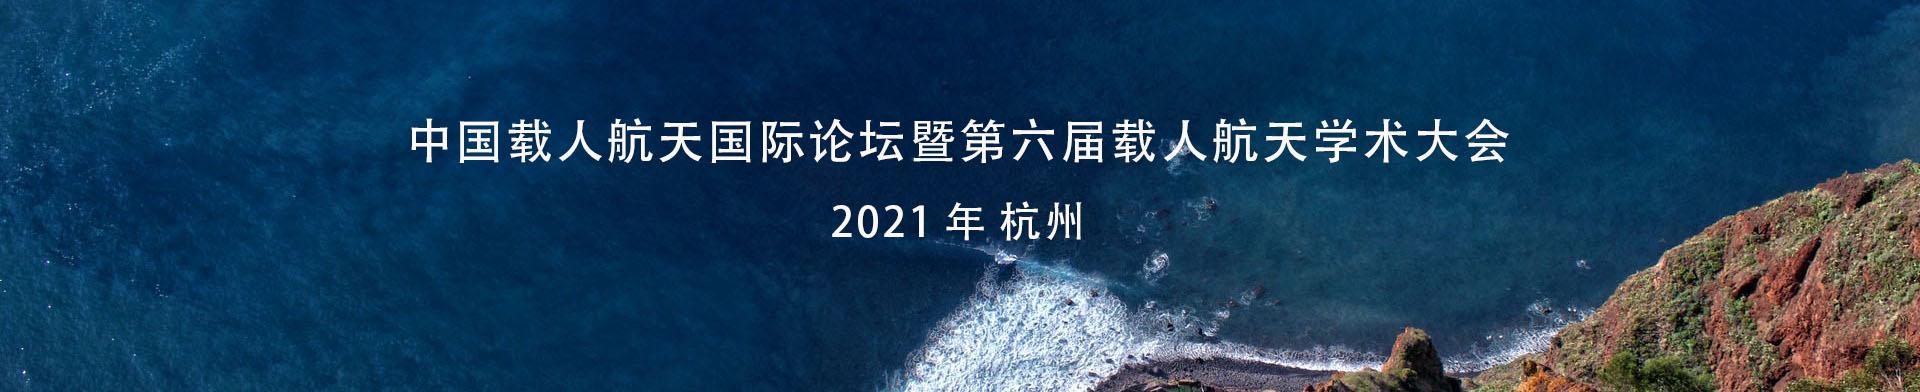 中国载人航天国际论坛暨第六届载人航天学术大会